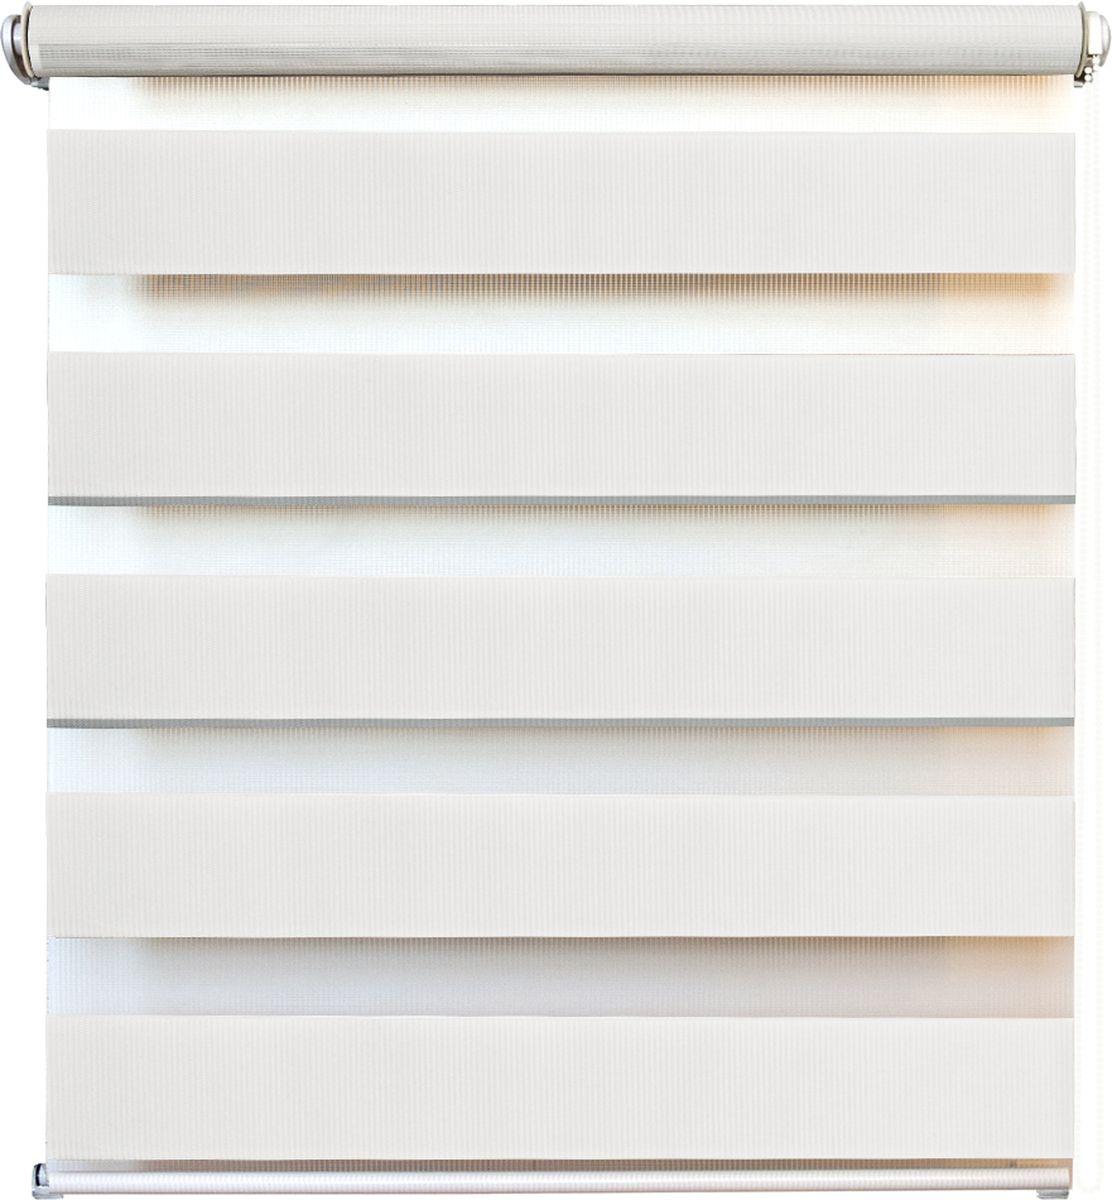 Штора рулонная день/ночь Уют Канзас, цвет: белый, 60 х 160 см62.РШТО.8920.060х160Штора рулонная день/ночь Уют Канзас выполнена из прочного полиэстера, в котором чередуются полосы различной плотности и фактуры. Управление двойным слоем ткани с помощью цепочки позволяет регулировать степень светопроницаемости шторы. Если совпали плотные полосы, то прозрачные будут открыты максимально. Это положение шторы называется День. Максимальное затемнение помещения достигается при полном совпадении полос разных фактур. Это положение шторы называется Ночь. Конструкция шторы также позволяет полностью свернуть полотно, обеспечив максимальное открытие окна. Рулонная штора - это разновидность штор, которая закрывает не весь оконный проем, а непосредственно само стекло. Такая штора очень компактна, что помогает сэкономить пространство. Универсальная конструкция позволяет монтировать штору на стену, потолок, деревянные или пластиковые рамы окон. В комплект входят кронштейны и нижний утяжелитель. Возможна установка с управлением цепочкой как справа, так и...